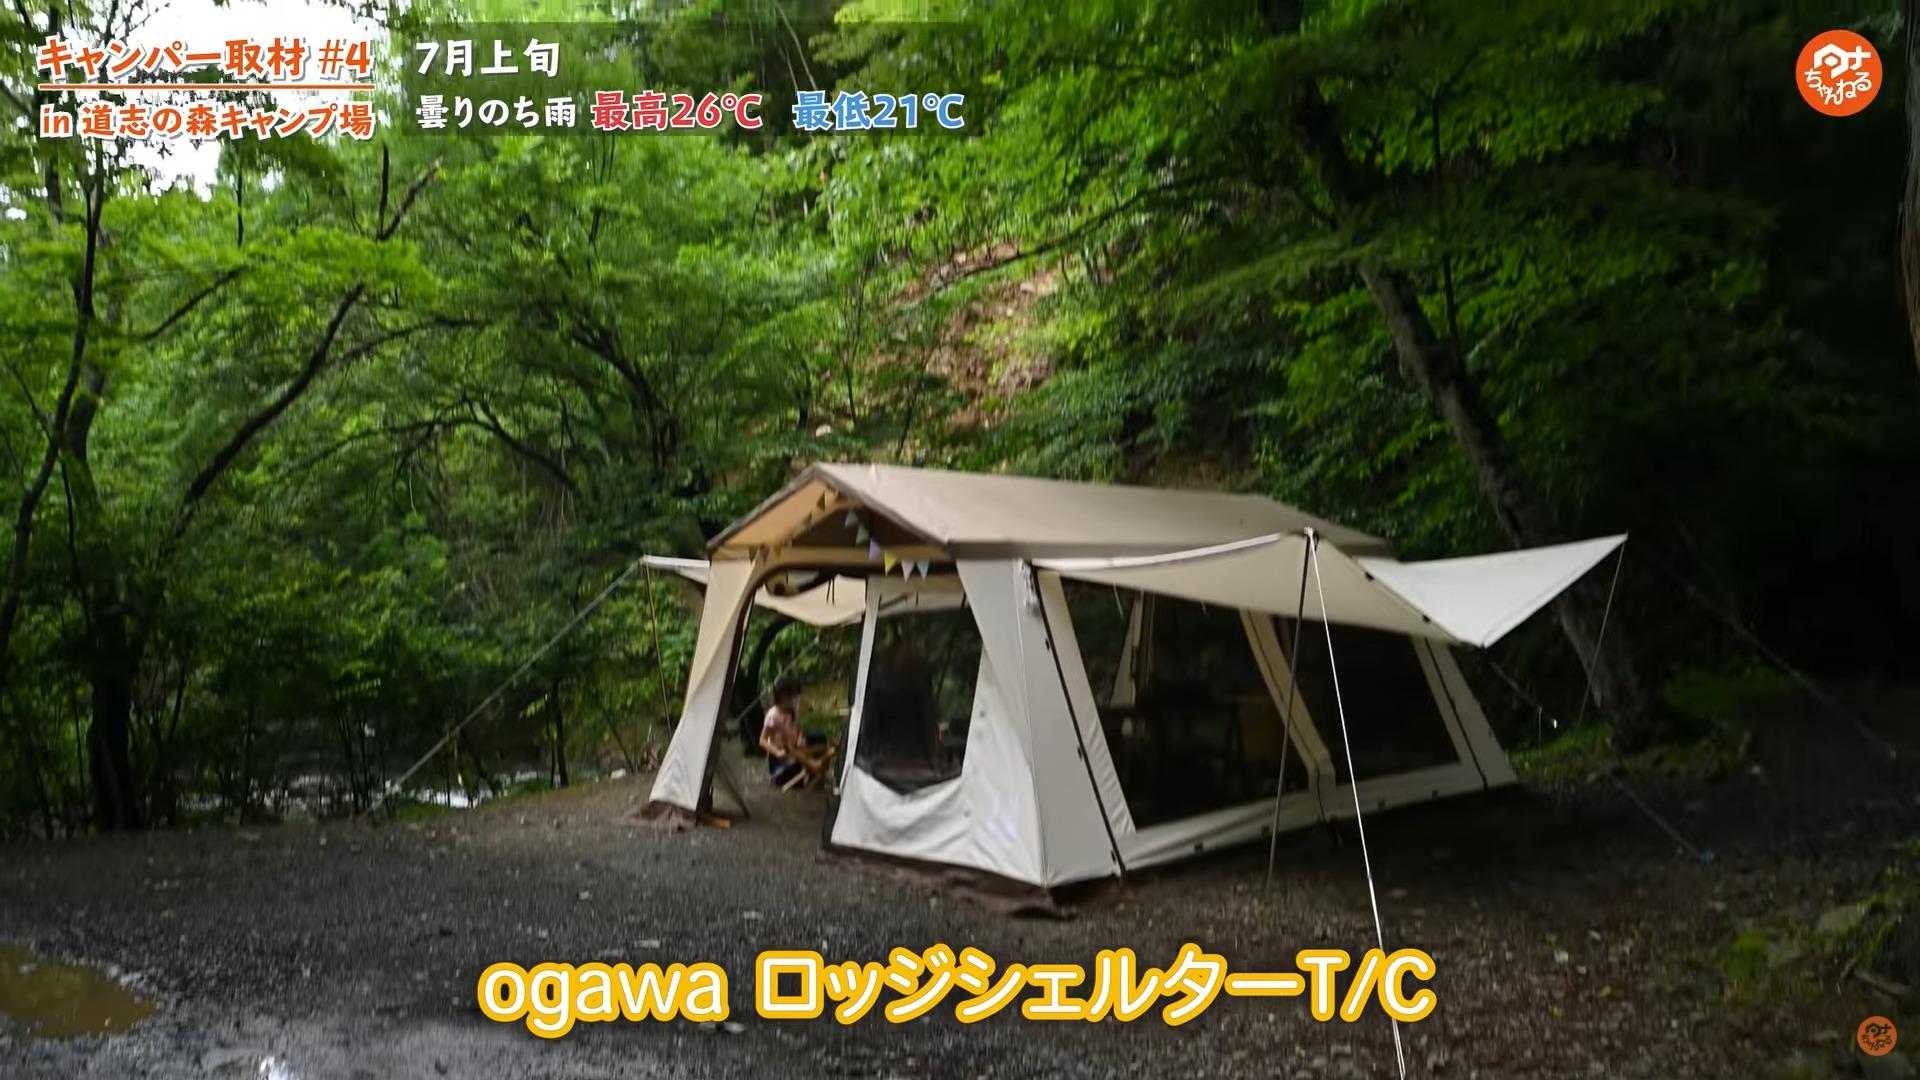 【ogawa(オガワ)】 ロッジシェルターT/Cの写真